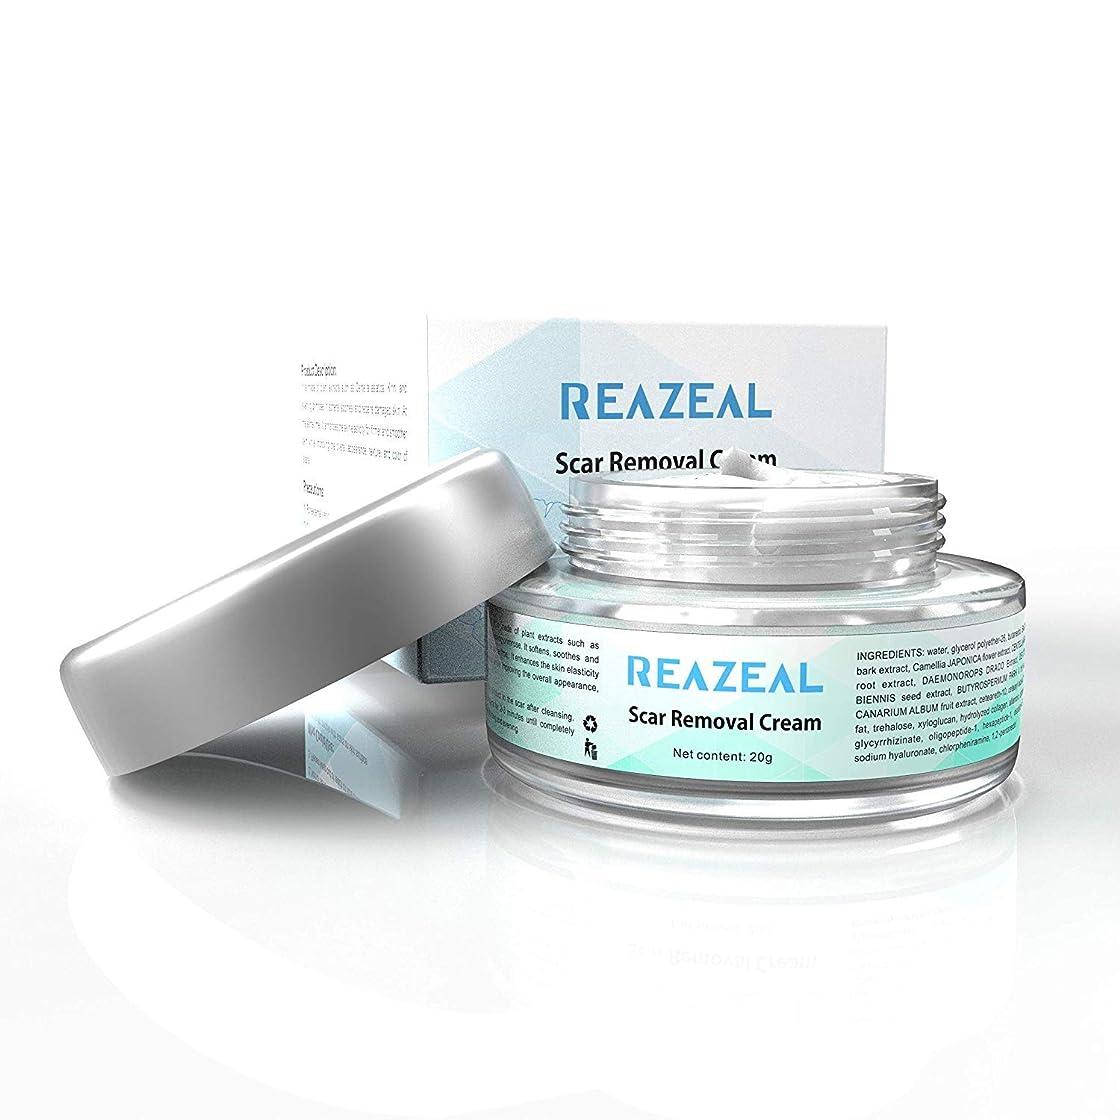 束ねる説教する自然Scar Cream Acne Scar Removal Cream for Old & New Scars on Face & Body Scar Treatment for Cuts Natural Herbal Extracts Formula Burns Repair,Face Skin Repair Cream 【並行輸入品】